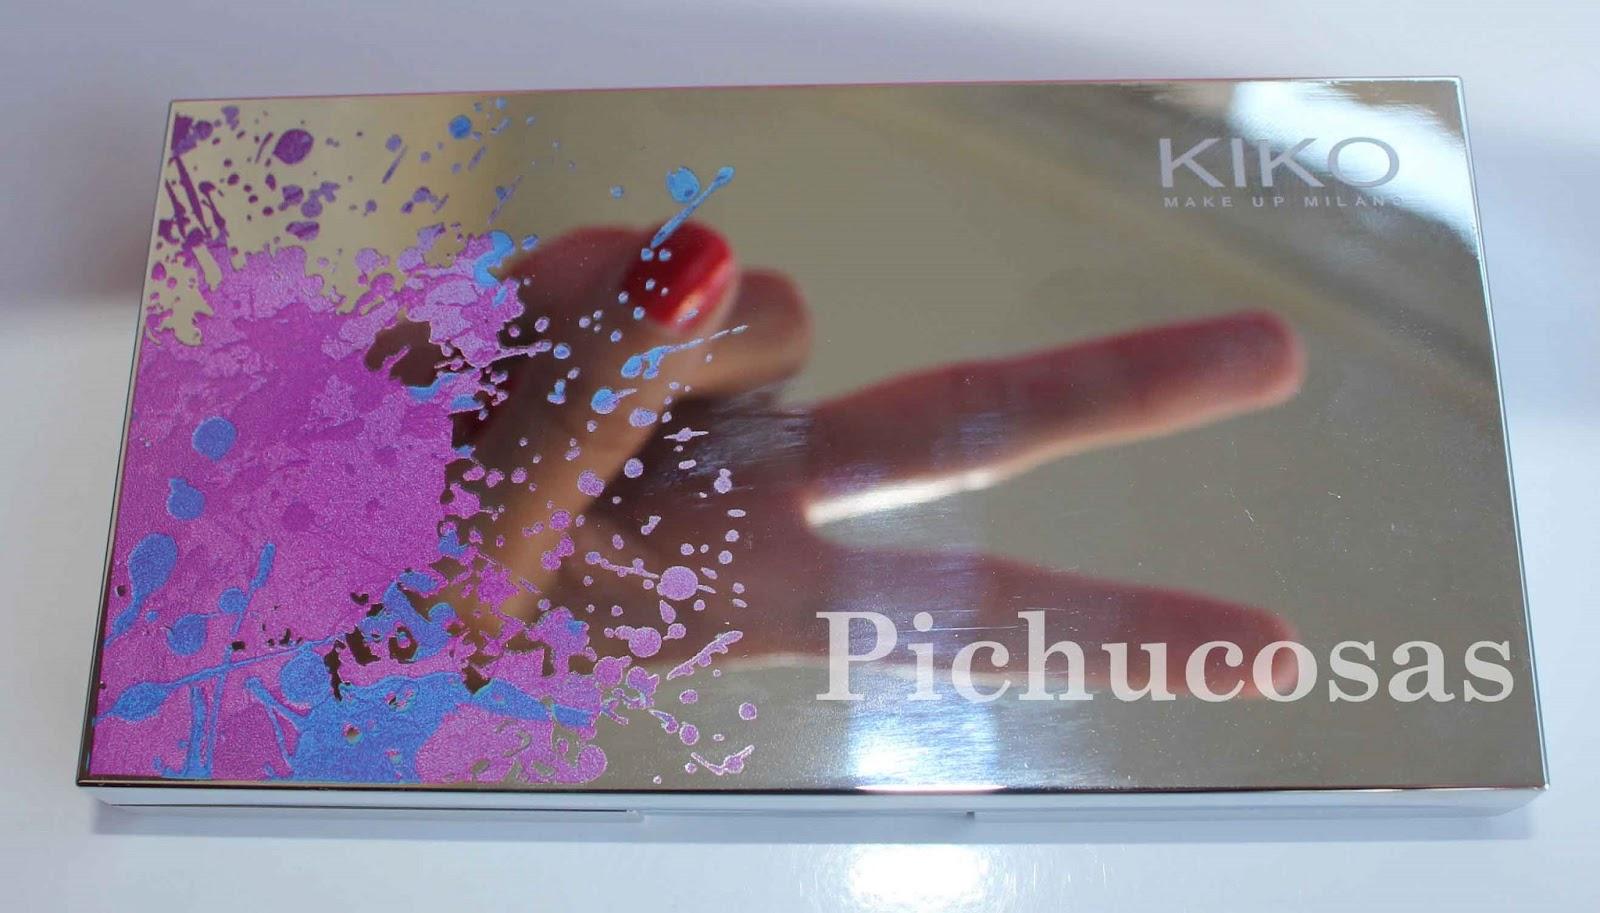 Pichucosas colour party pallette de kiko - Pintaunas kiko efecto espejo ...